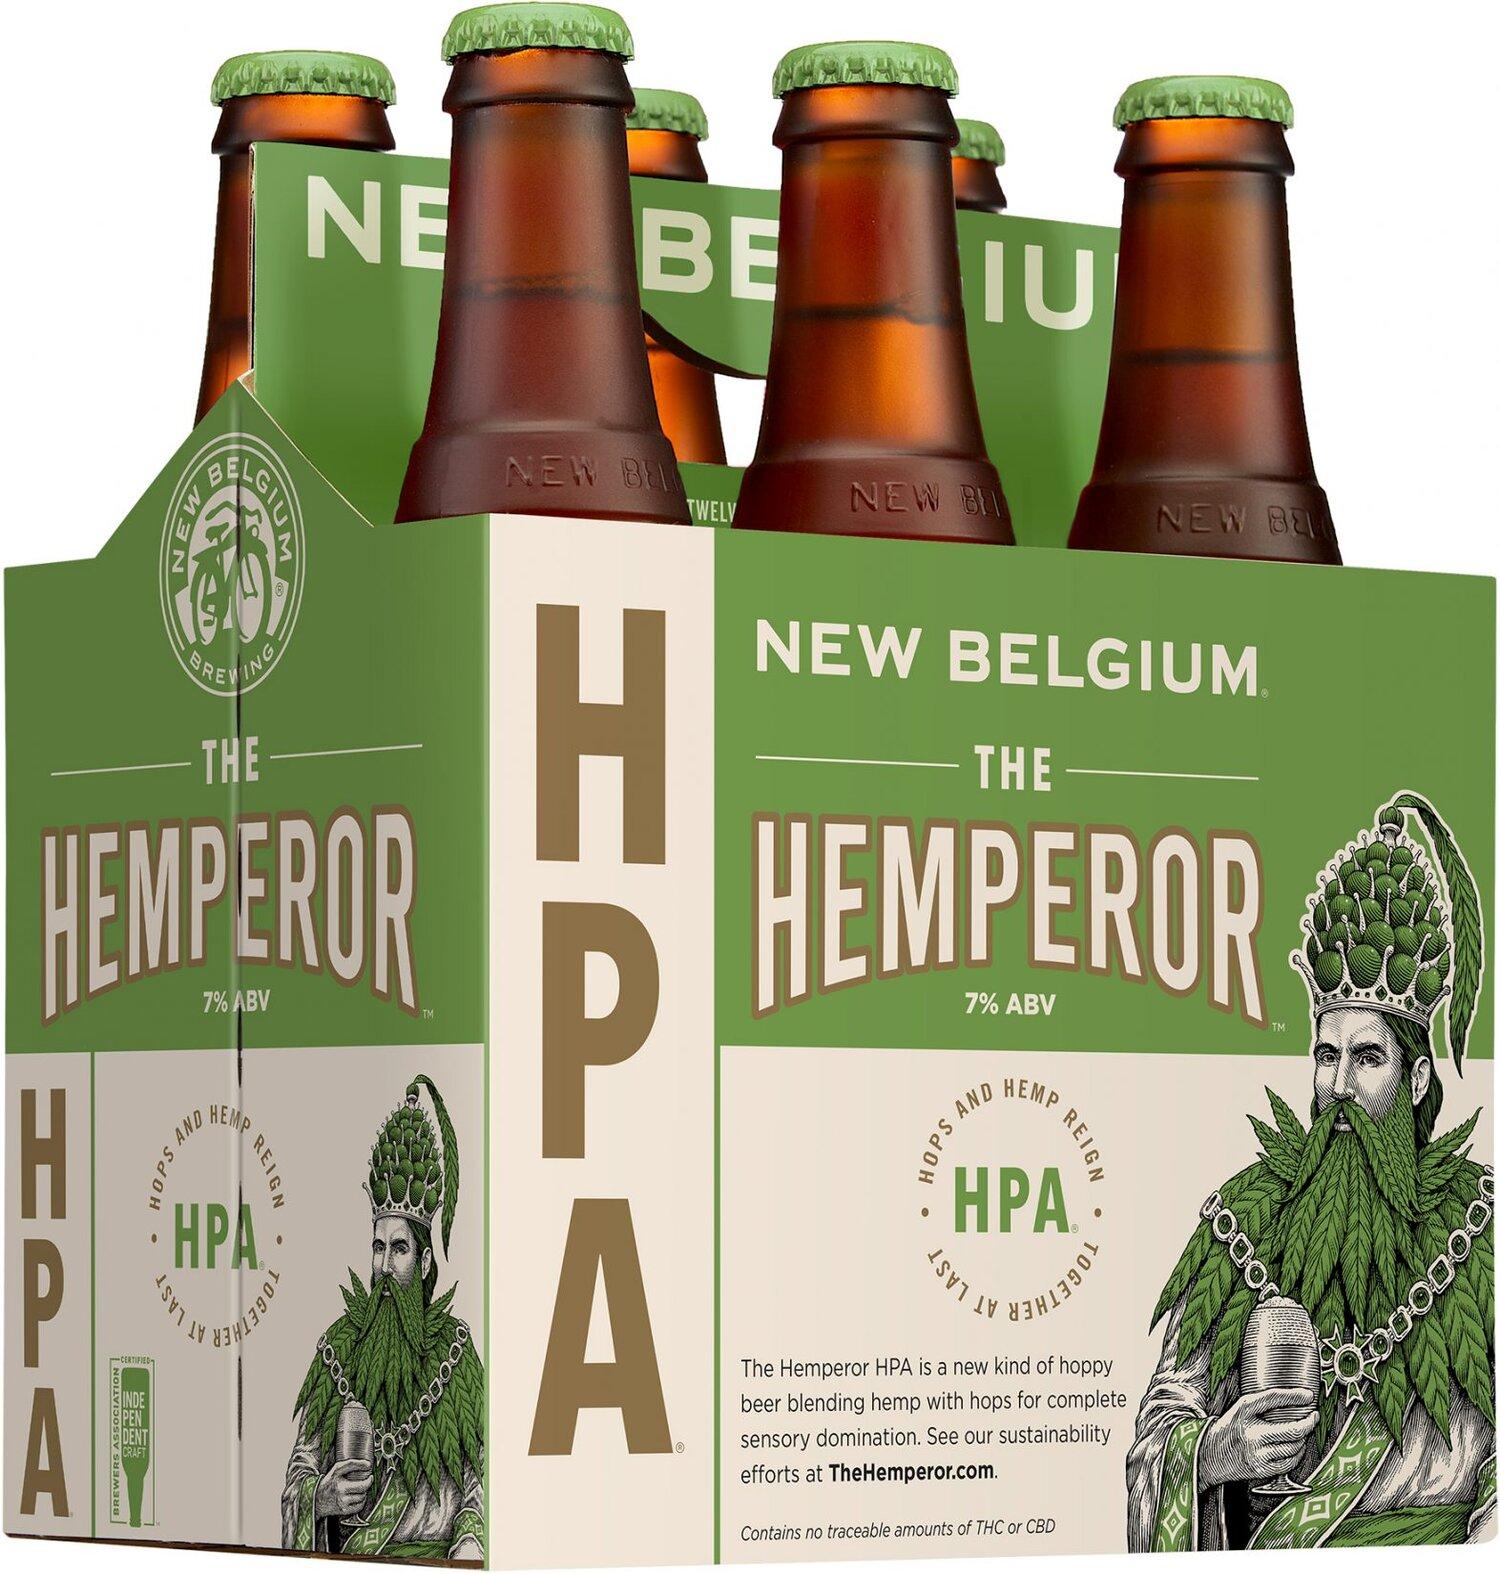 The_Hemperor_HPA_12_oz_6_pack_bottle_side_angle.jpg